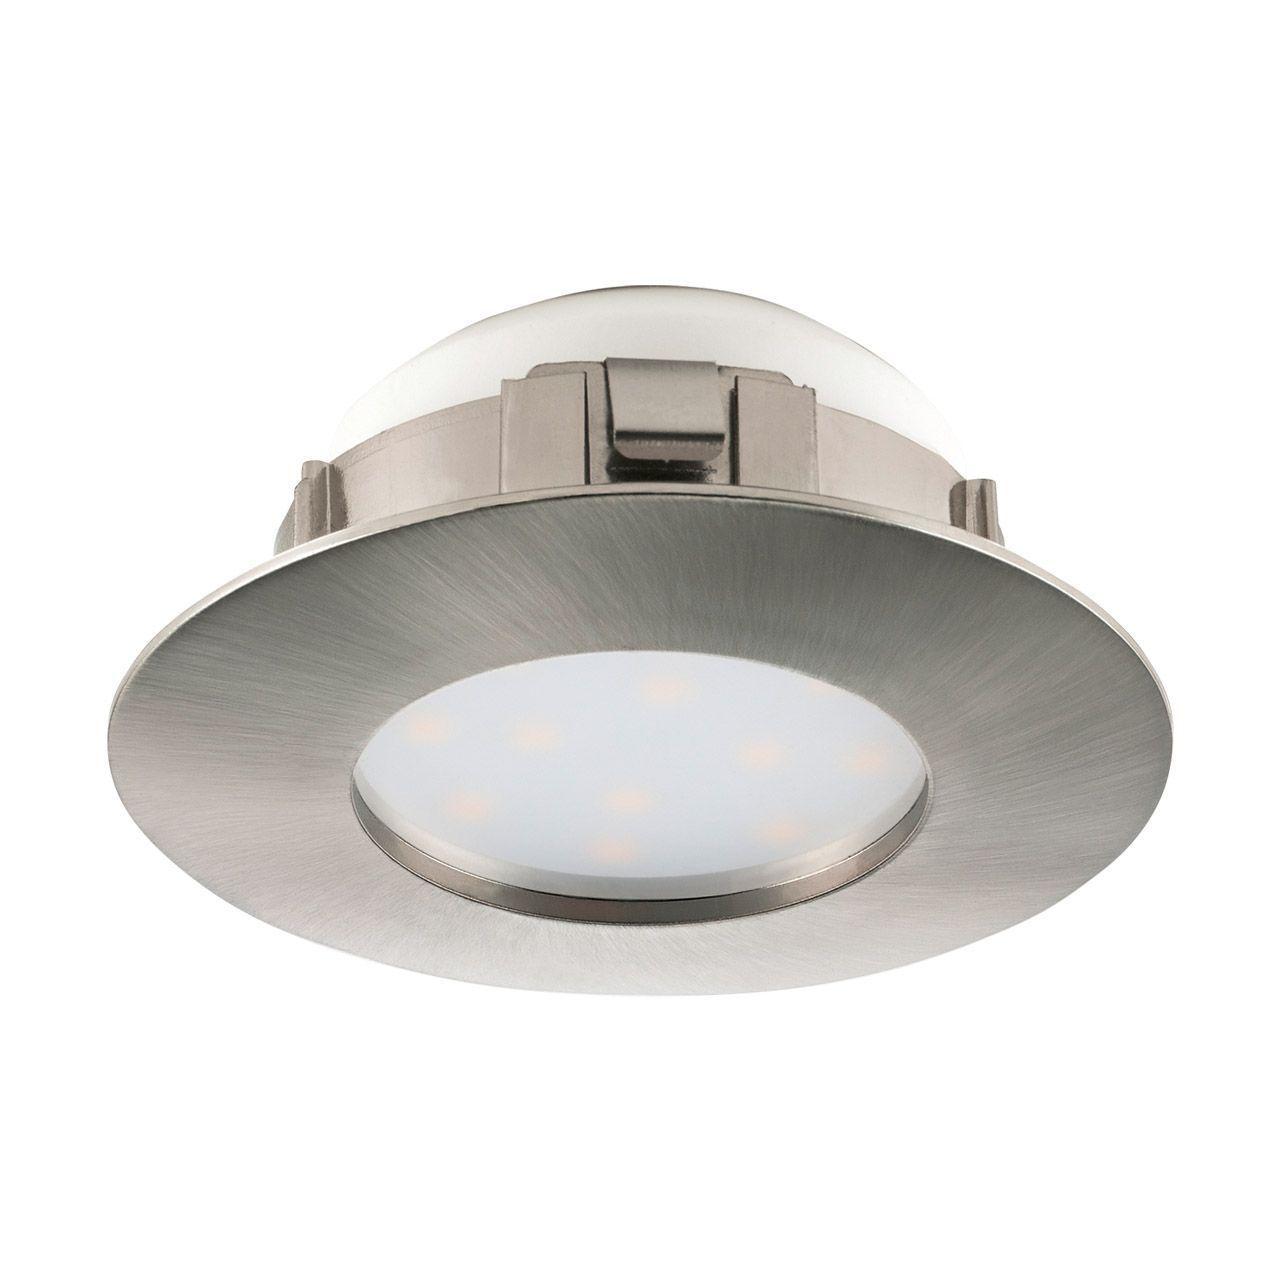 Встраиваемый светодиодный светильник Eglo Pineda 95806 встраиваемый светодиодный светильник eglo pineda 95868